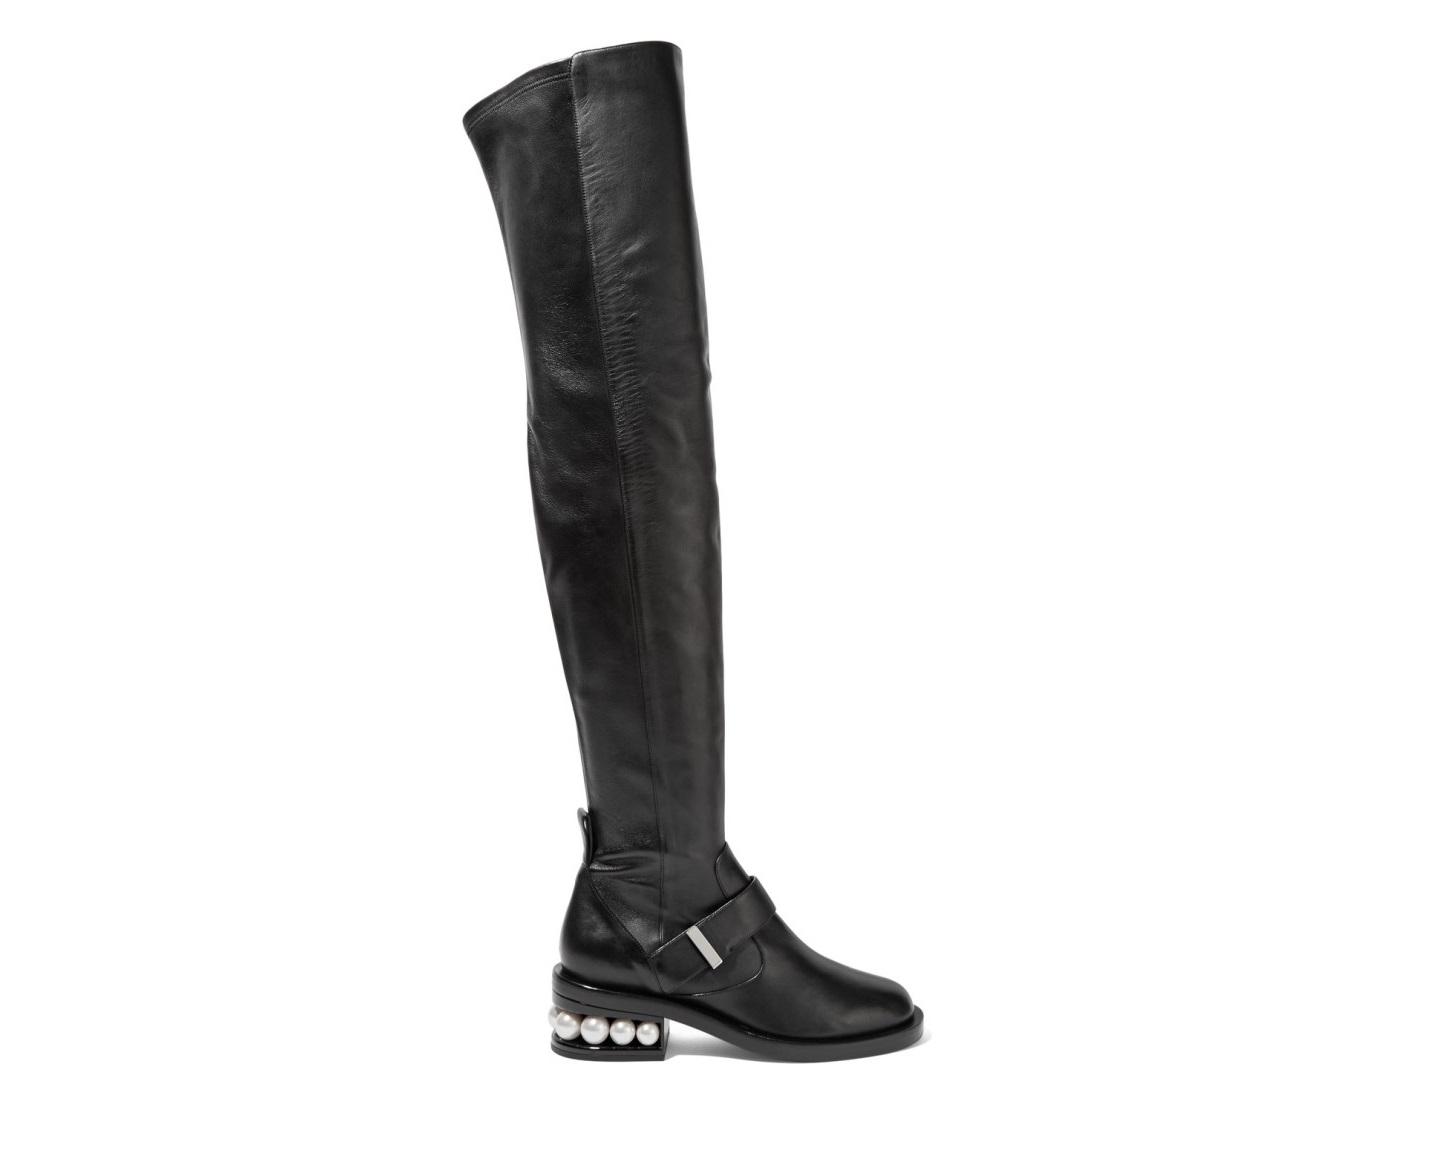 Stivali in pelle Nicholas Kirkwood